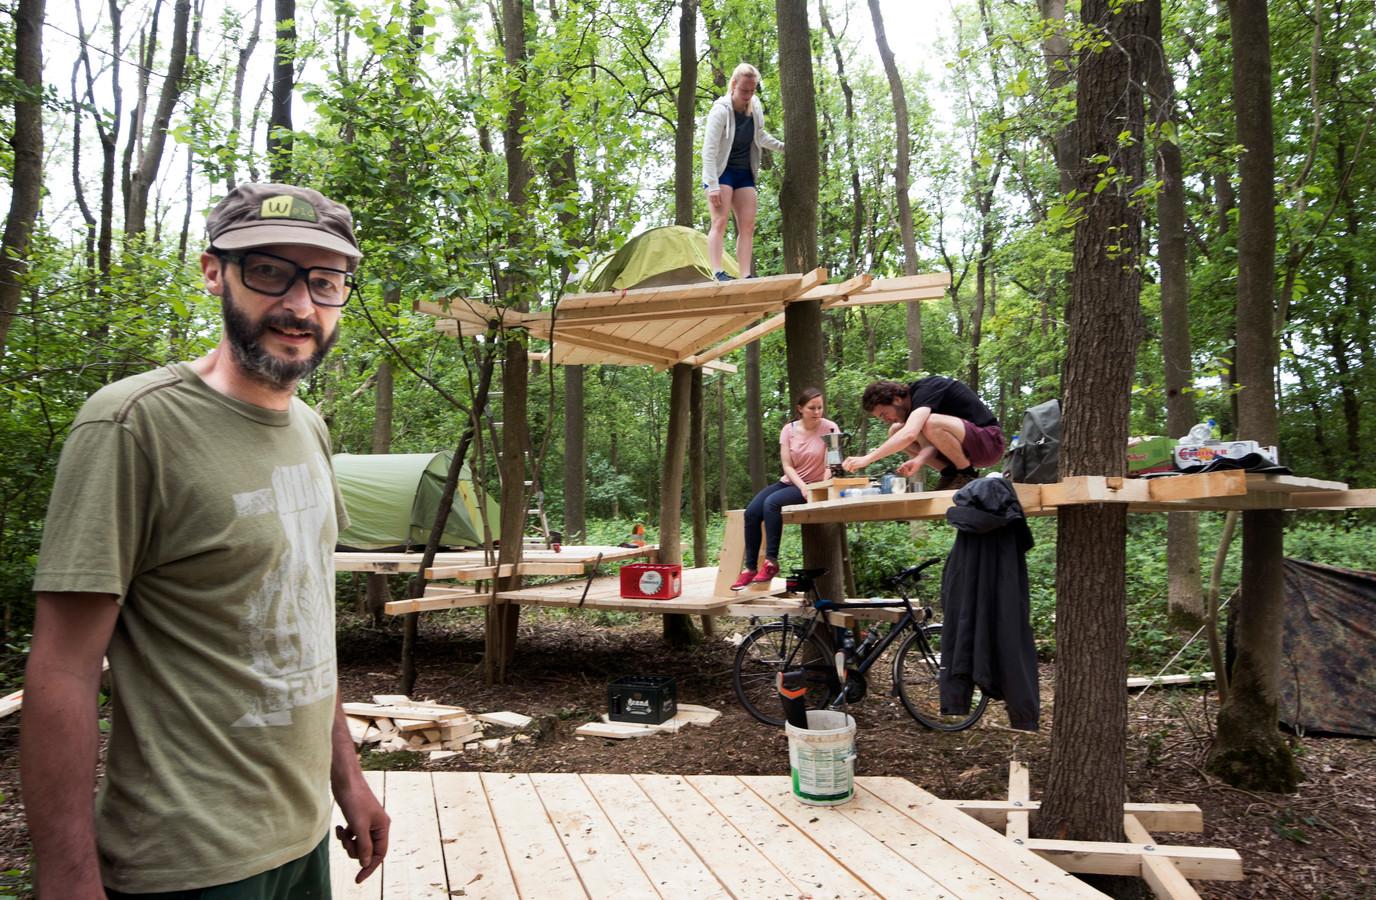 Kunstenaar Laurent Tixador bij zijn duurzame boomtoren op de Uithof, nabij de Botanische Tuinen.